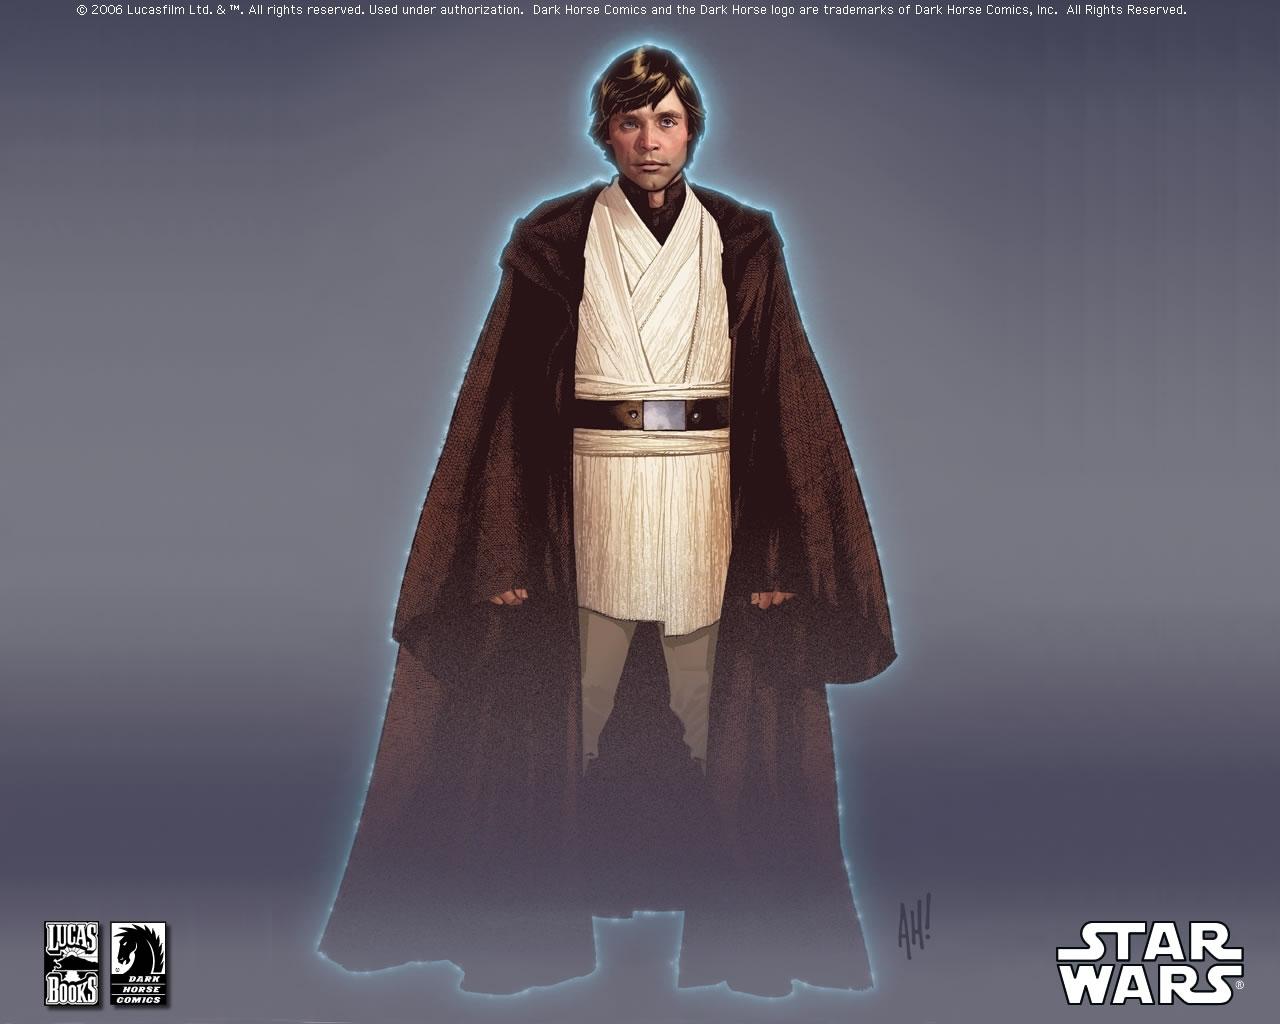 wars luke skywalker on tatooine hd wallpaper full hd wallpapers 1280x1024